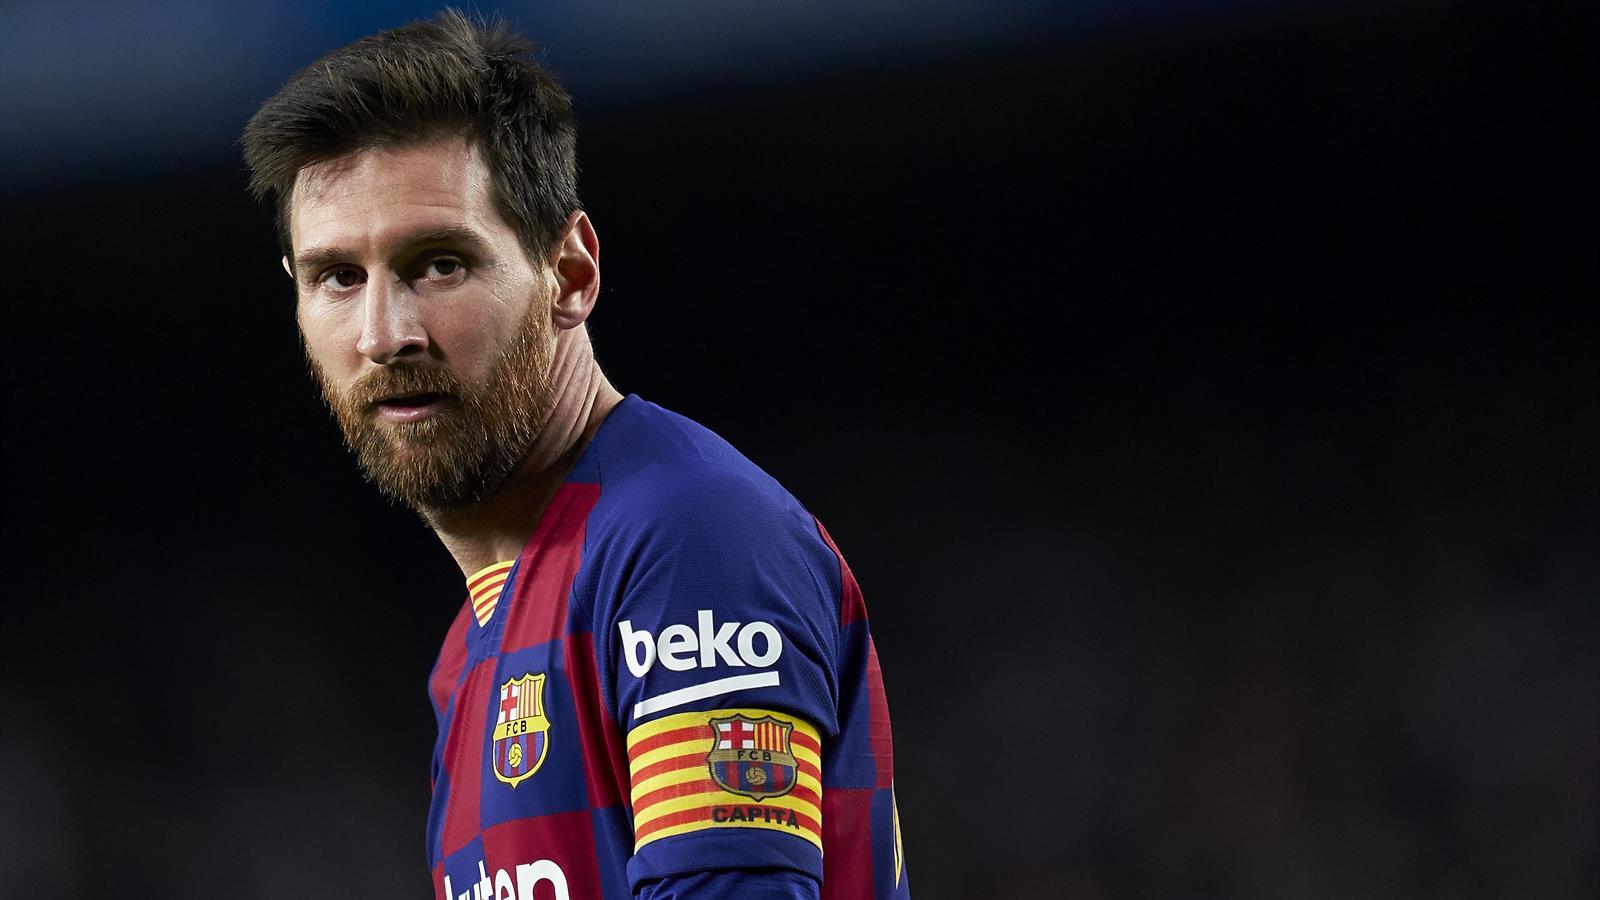 Лионель Месси не забил в четвертом матче чемпионата Испании подряд